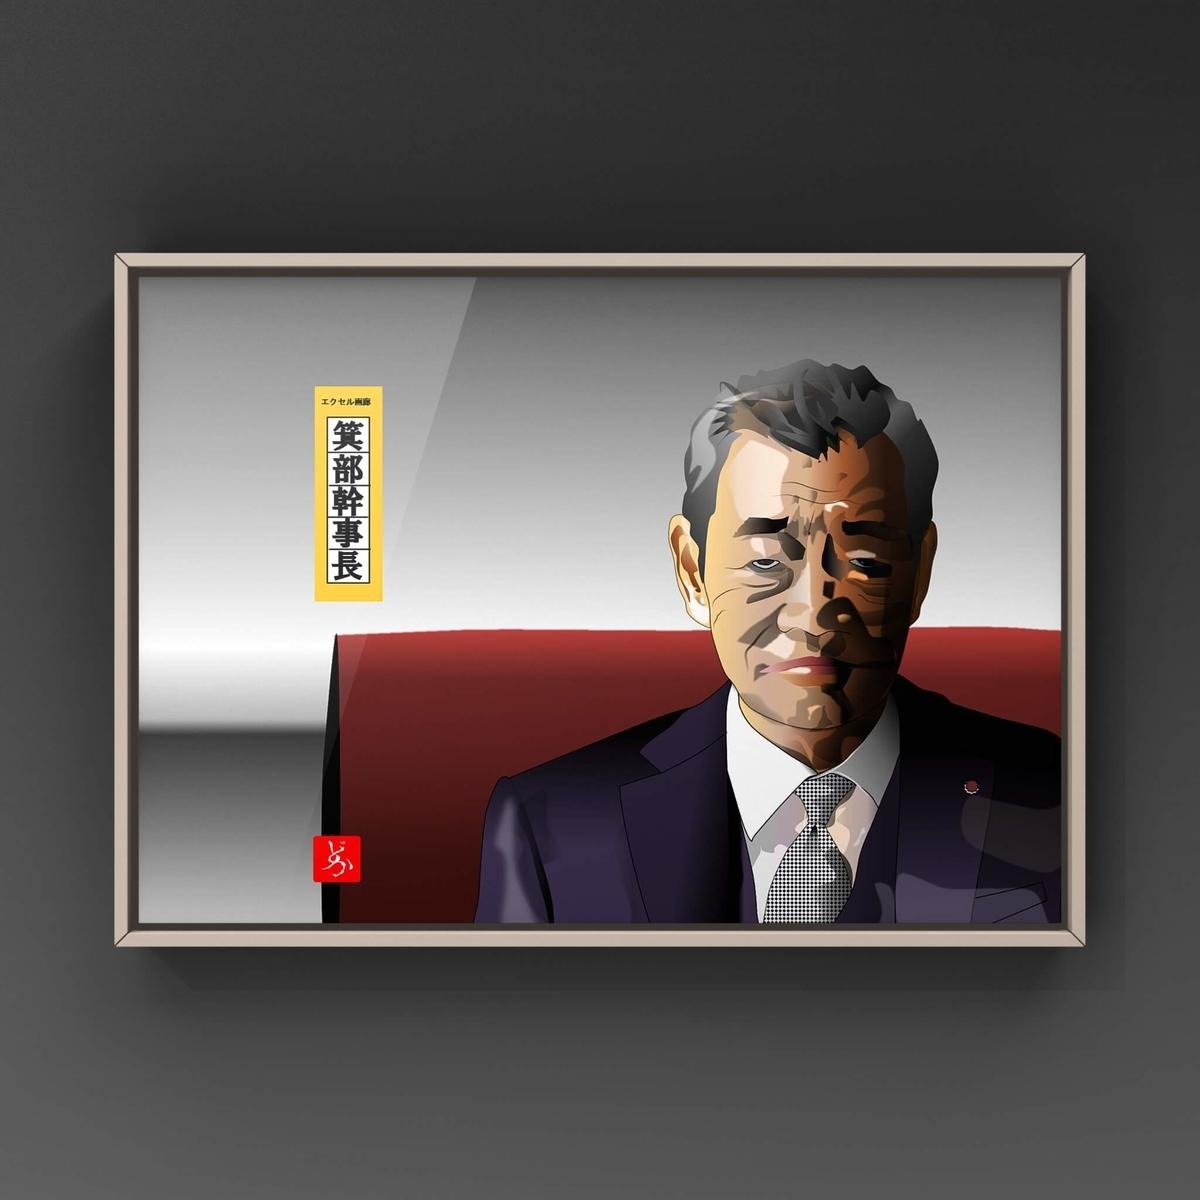 半沢直樹の箕部幹事長@柄本明のエクセル画イラスト額装版